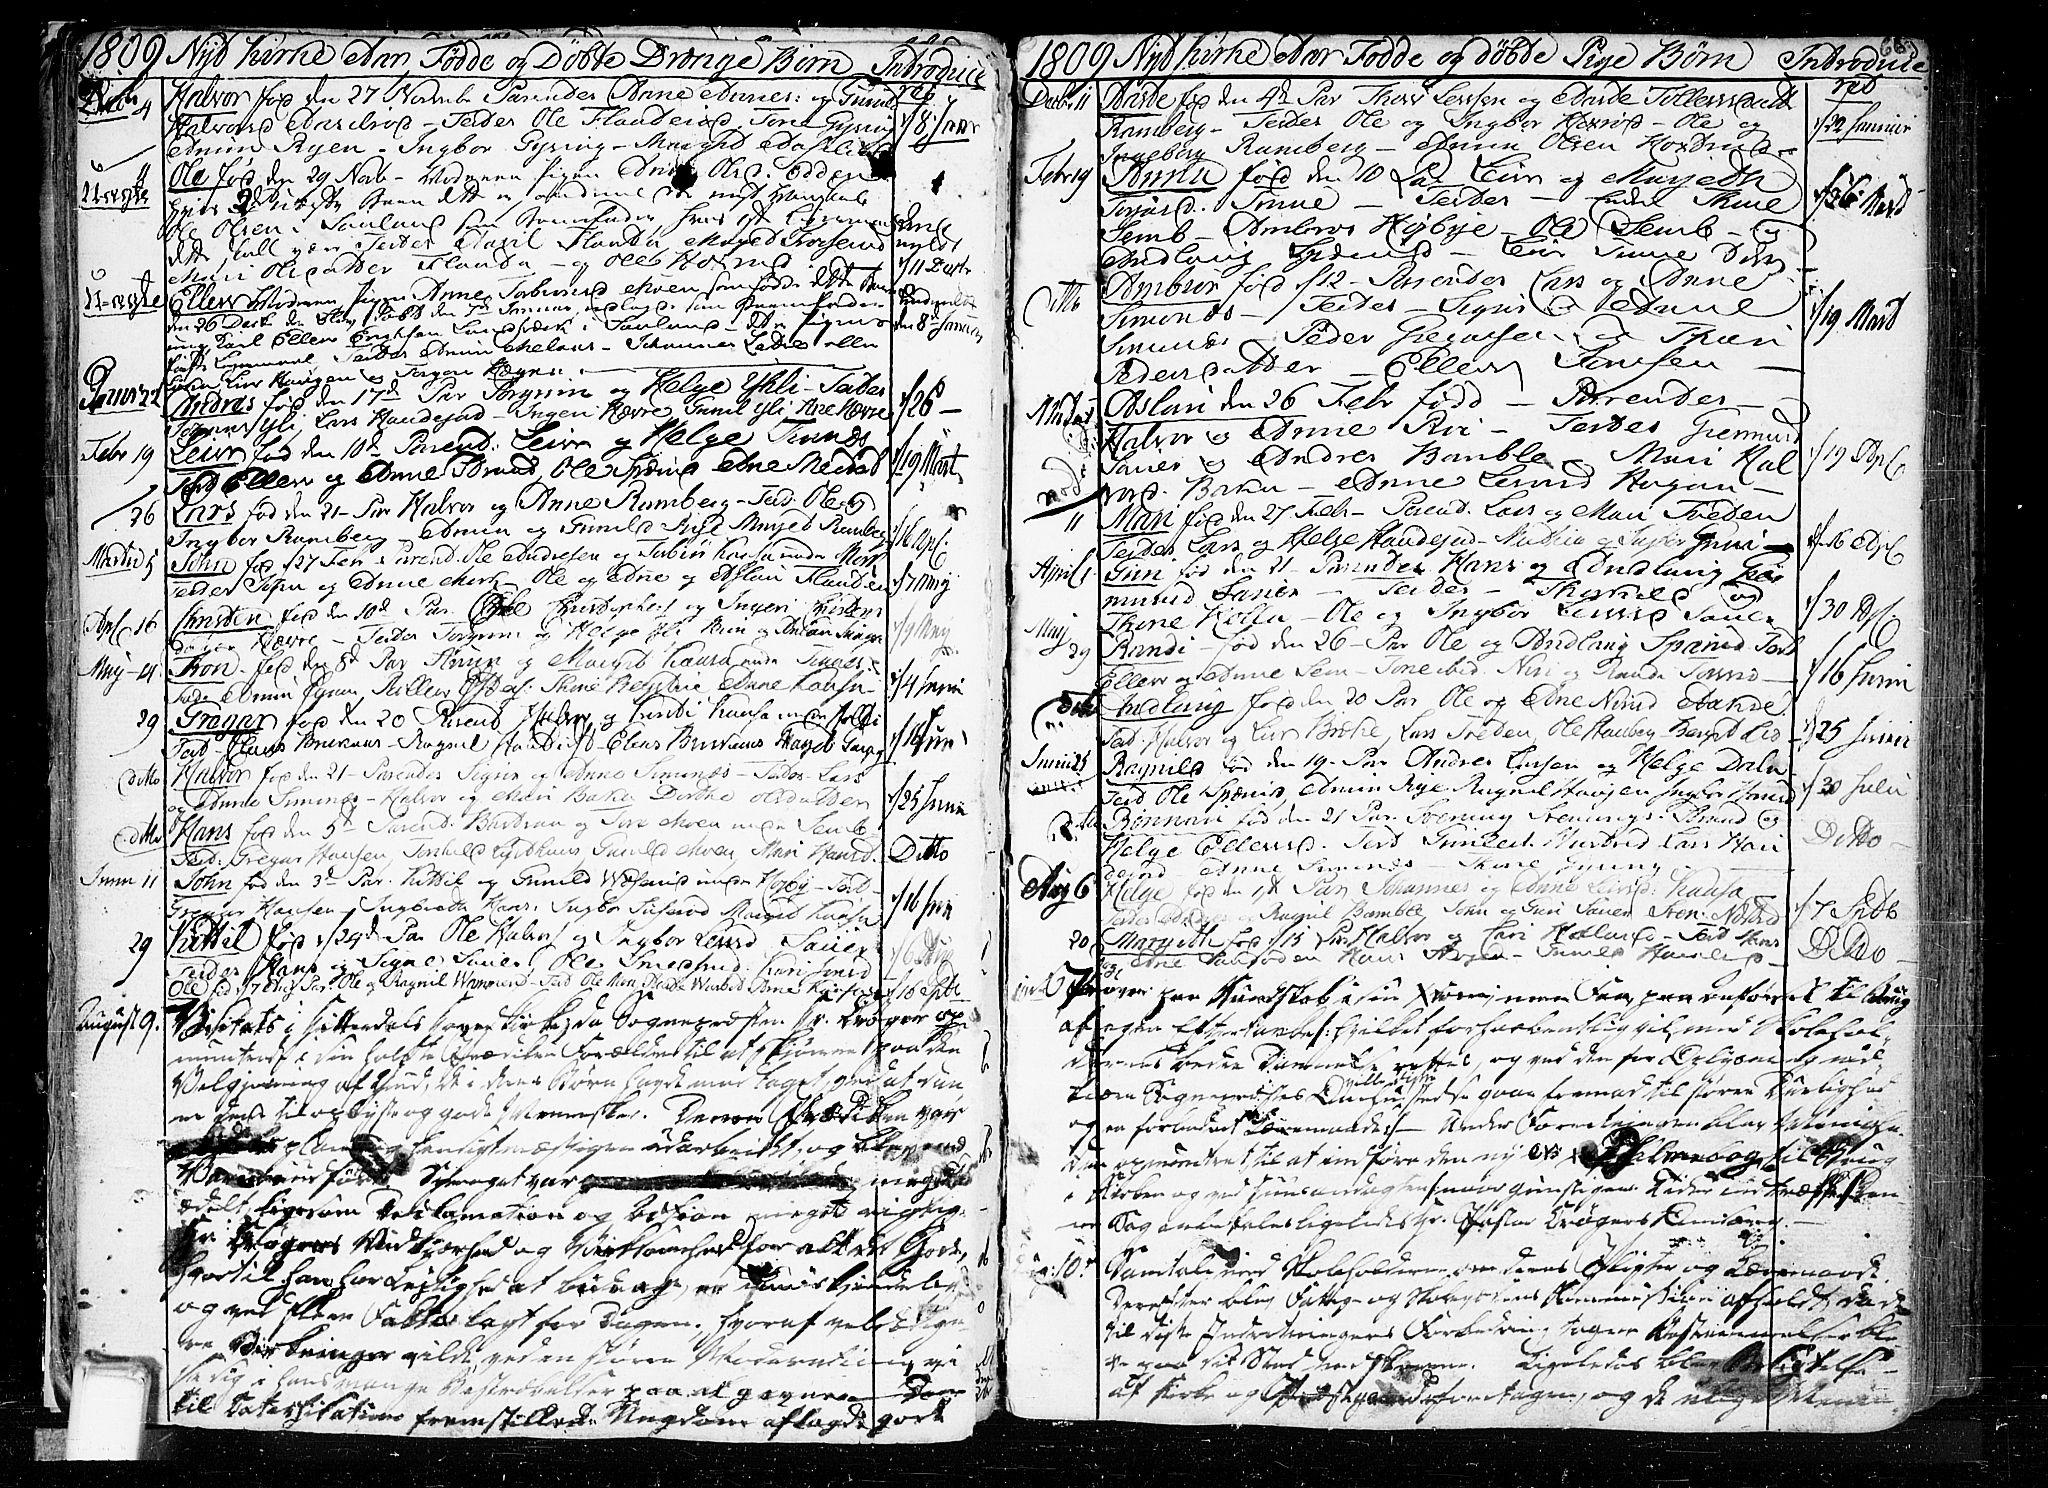 SAKO, Heddal kirkebøker, F/Fa/L0004: Ministerialbok nr. I 4, 1784-1814, s. 66